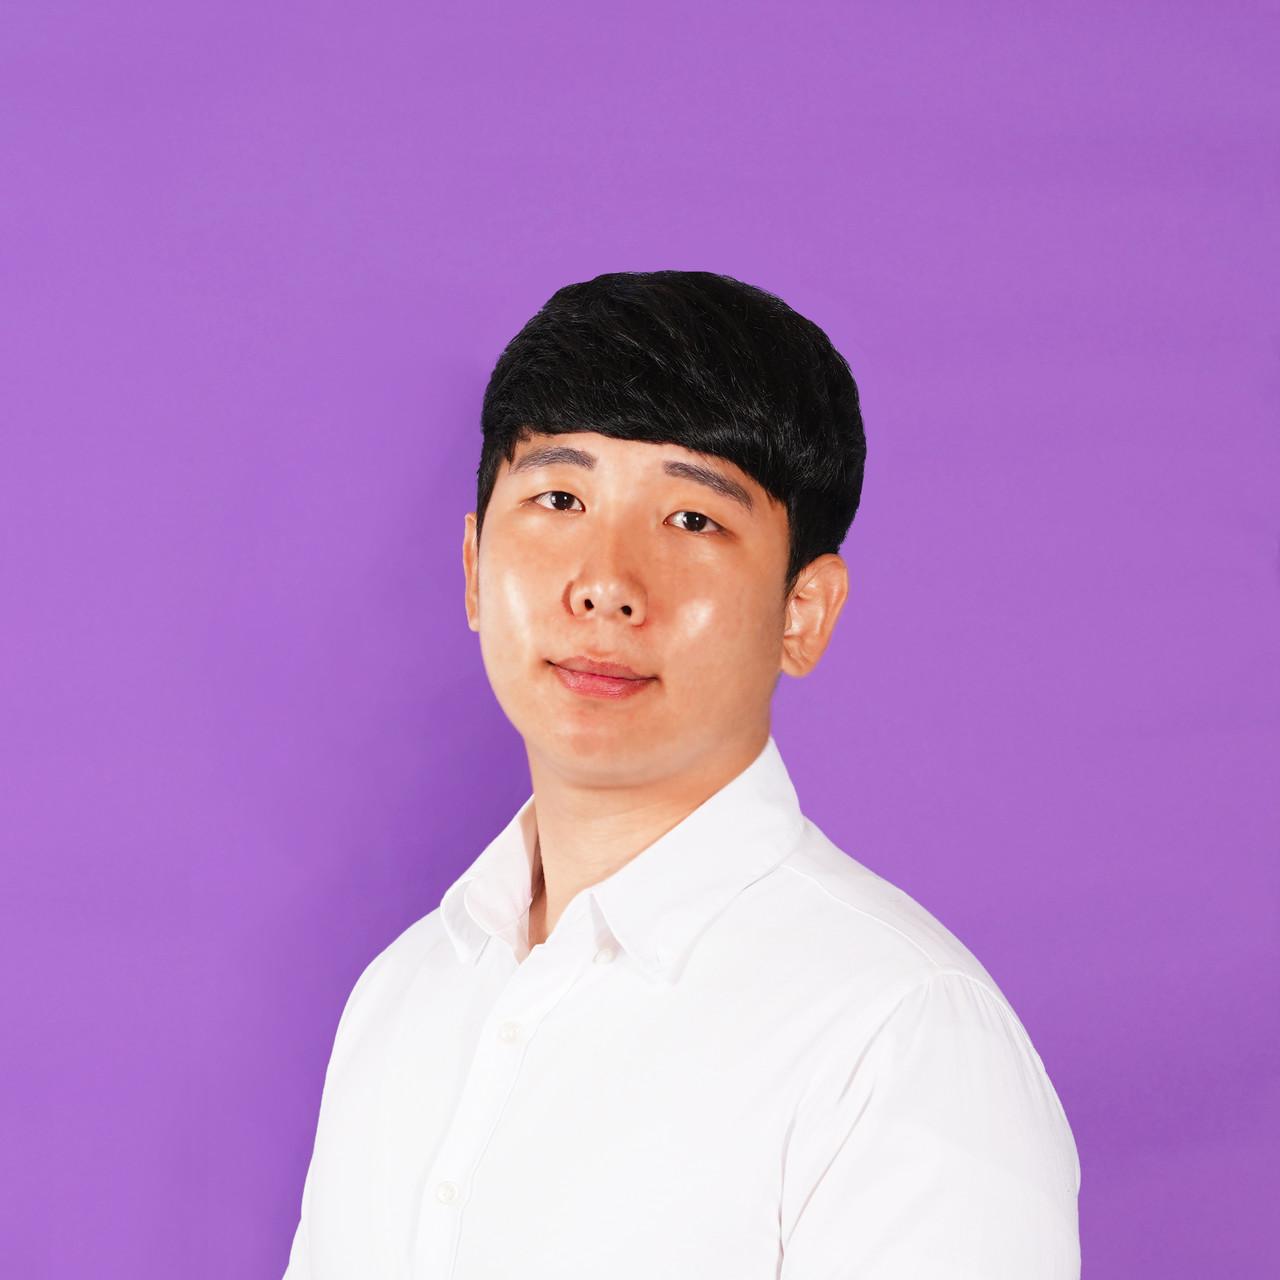 <b>Hong Gi Eun</b><br>Lead Fundraiser<br>